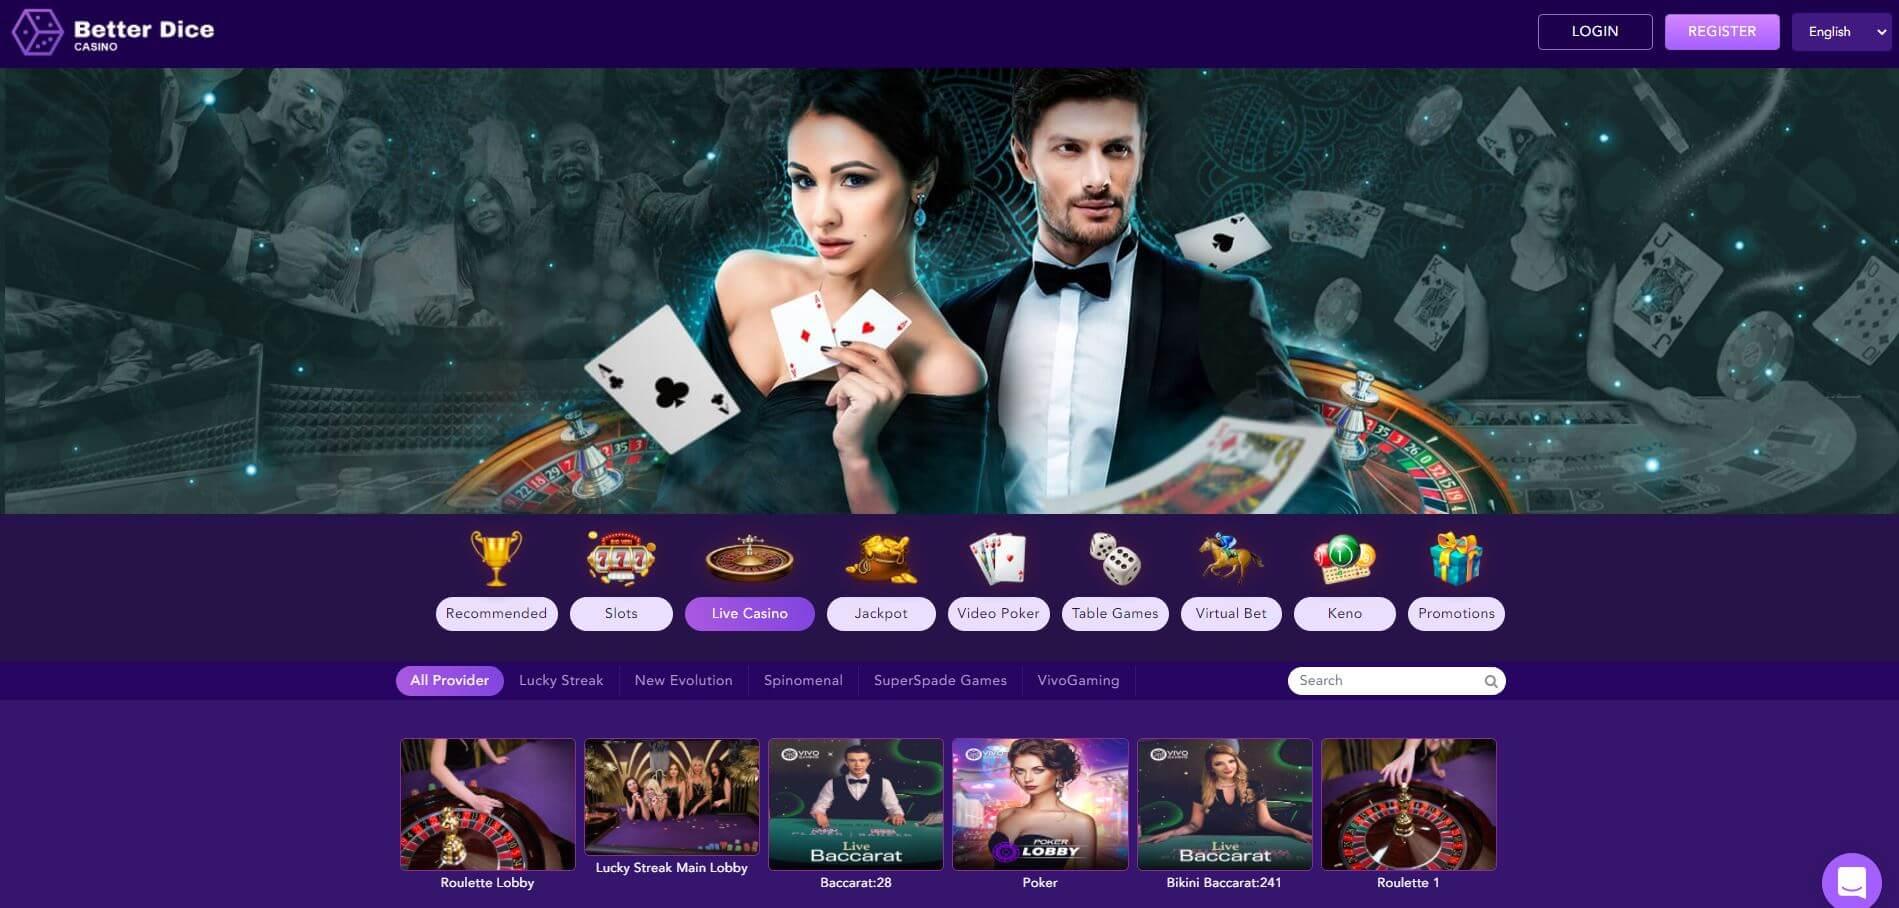 BetterDice Casino Live Casino